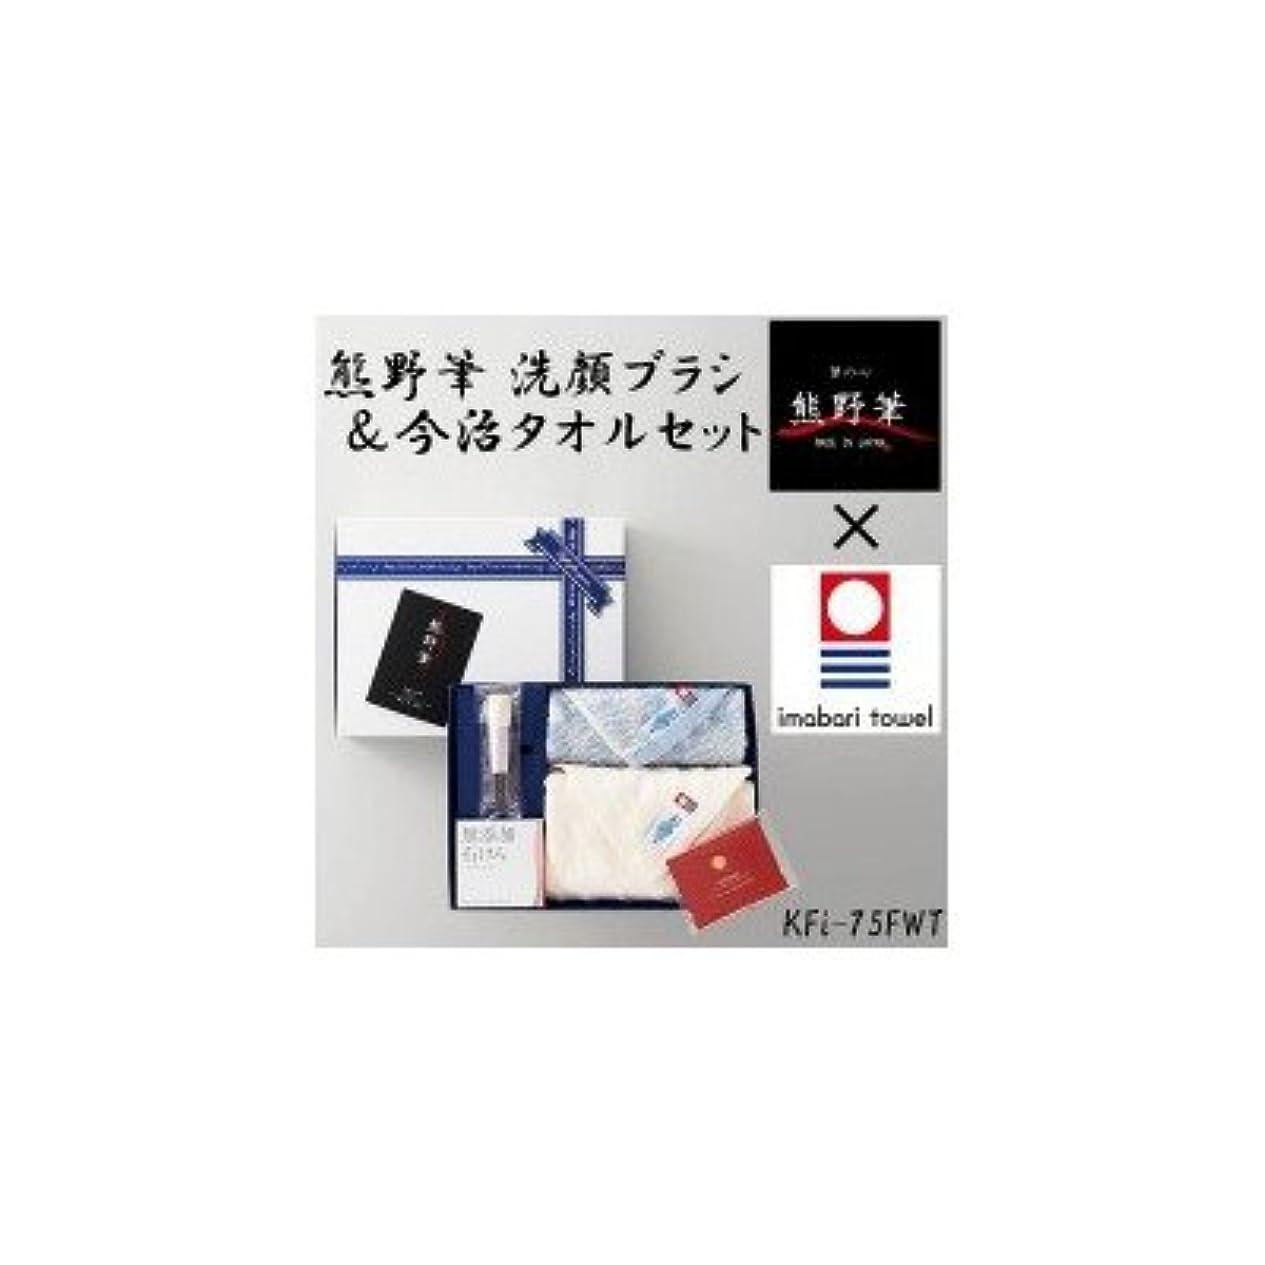 自我戦争従順熊野筆と今治タオルのコラボレーション 熊野筆 洗顔ブラシ&今治タオルセット KFi-75FWT